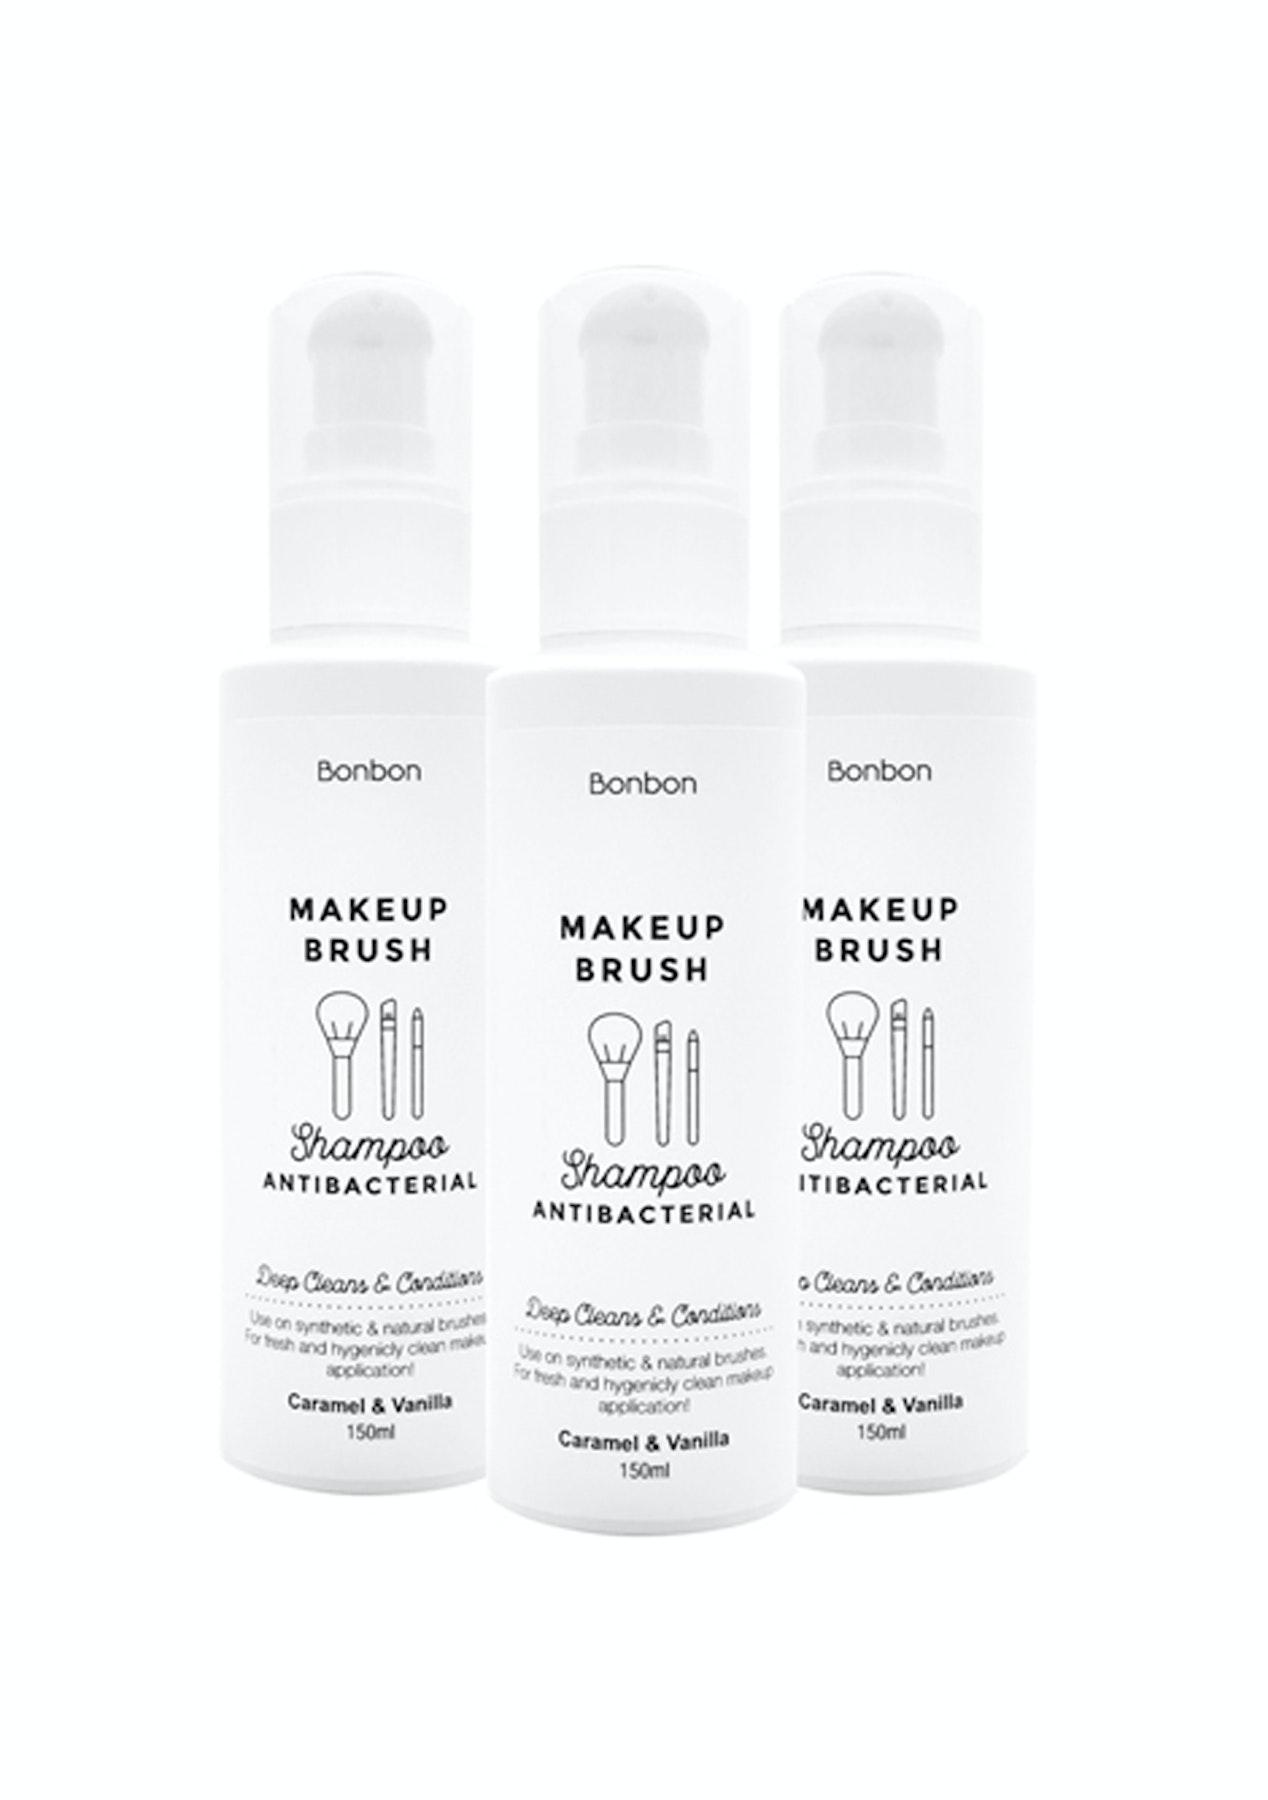 Bonbon - Make Up Brush Shampoo